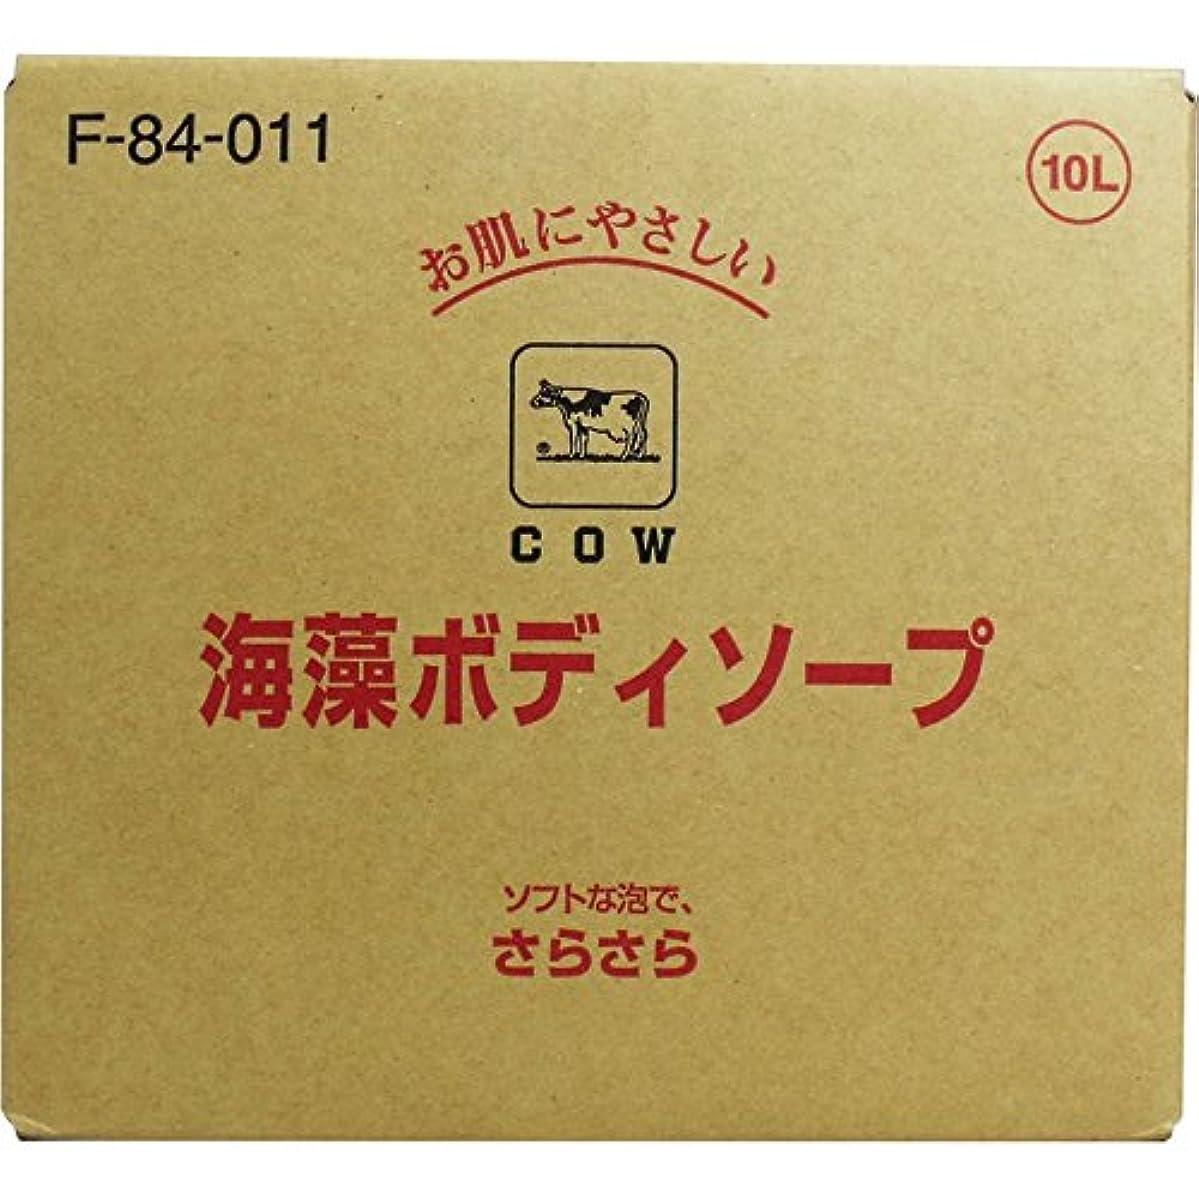 アラスカ軸絶縁するボディ 石けん詰め替え さらさらした洗い心地 便利商品 牛乳ブランド 海藻ボディソープ 業務用 10L